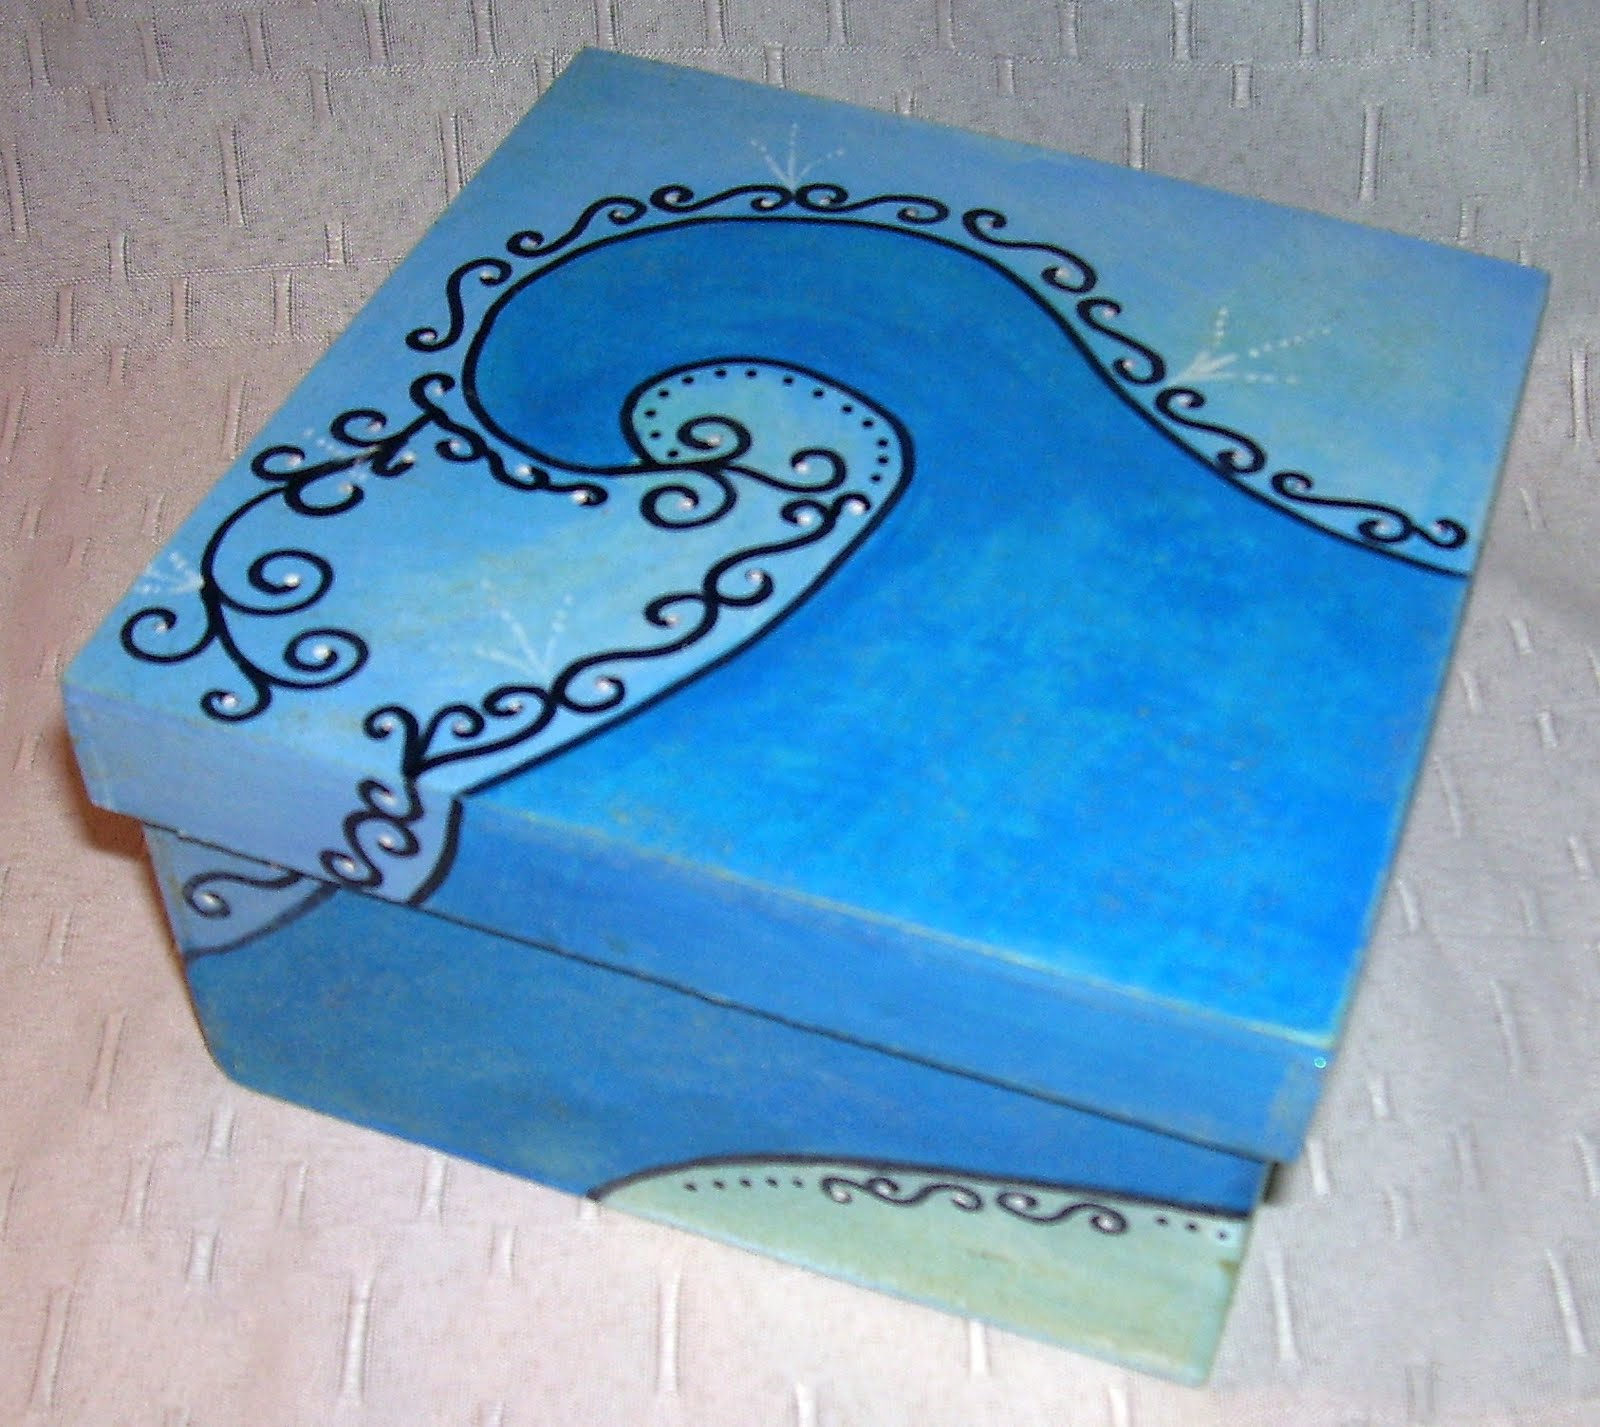 Cajas de madera pintadas  RECREAR  MANUALIDADES  ARTE